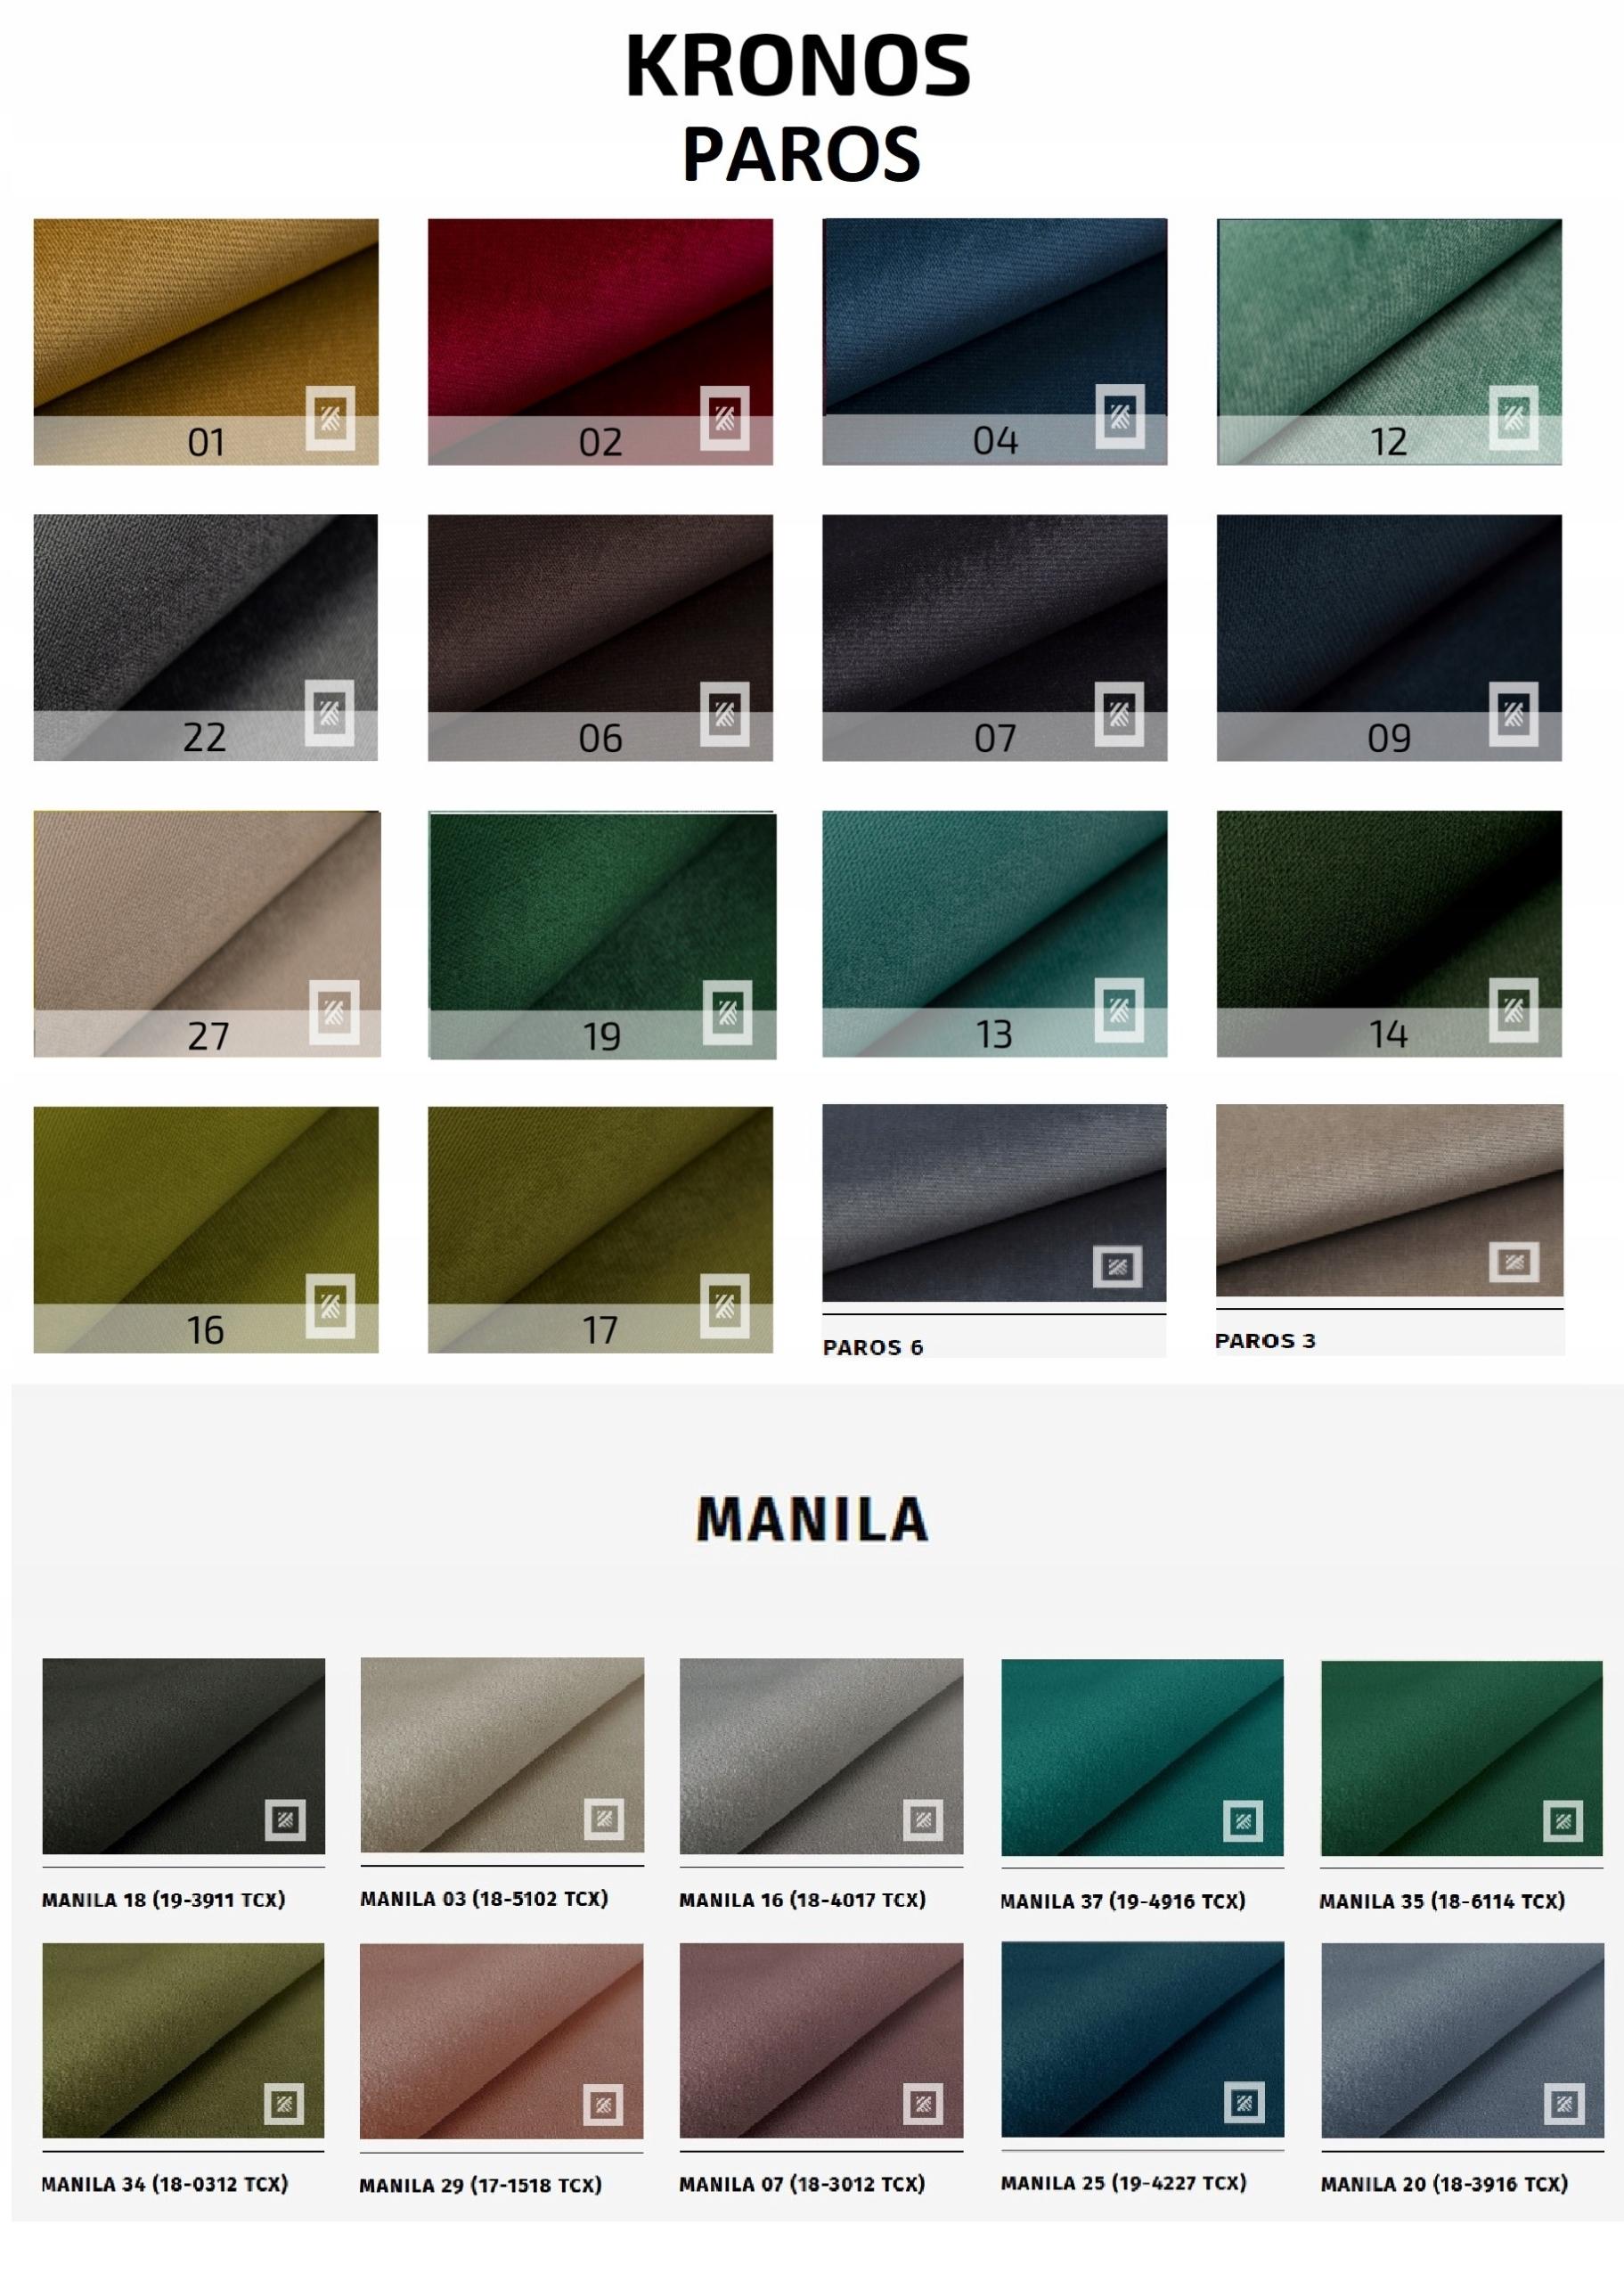 Großes Sofa SARA ausklappbares Schlafsofa - Farben Farbe der Polsterung - Grüntöne